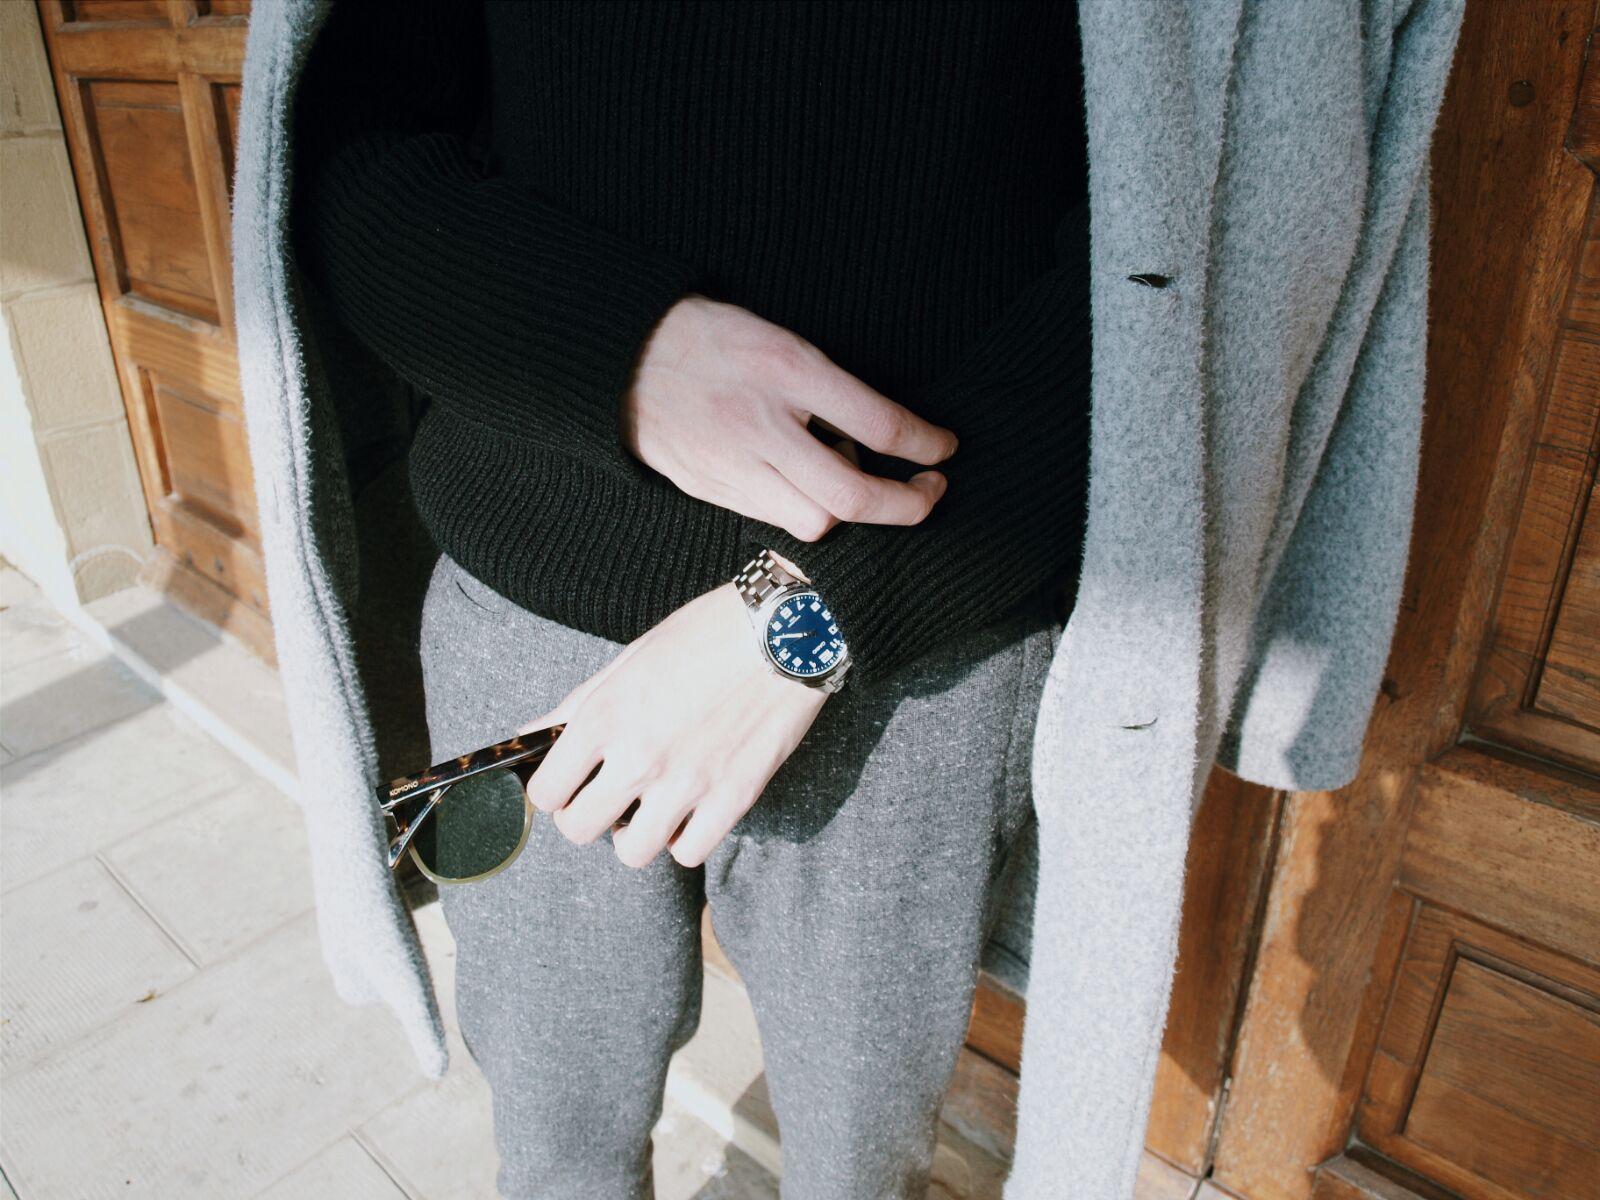 grey-tones-coastalandco-blog-blogger-guadalupe-fashion-moda-estilo-style-egosketchxcoastal-homme-man-outfit-hendaye